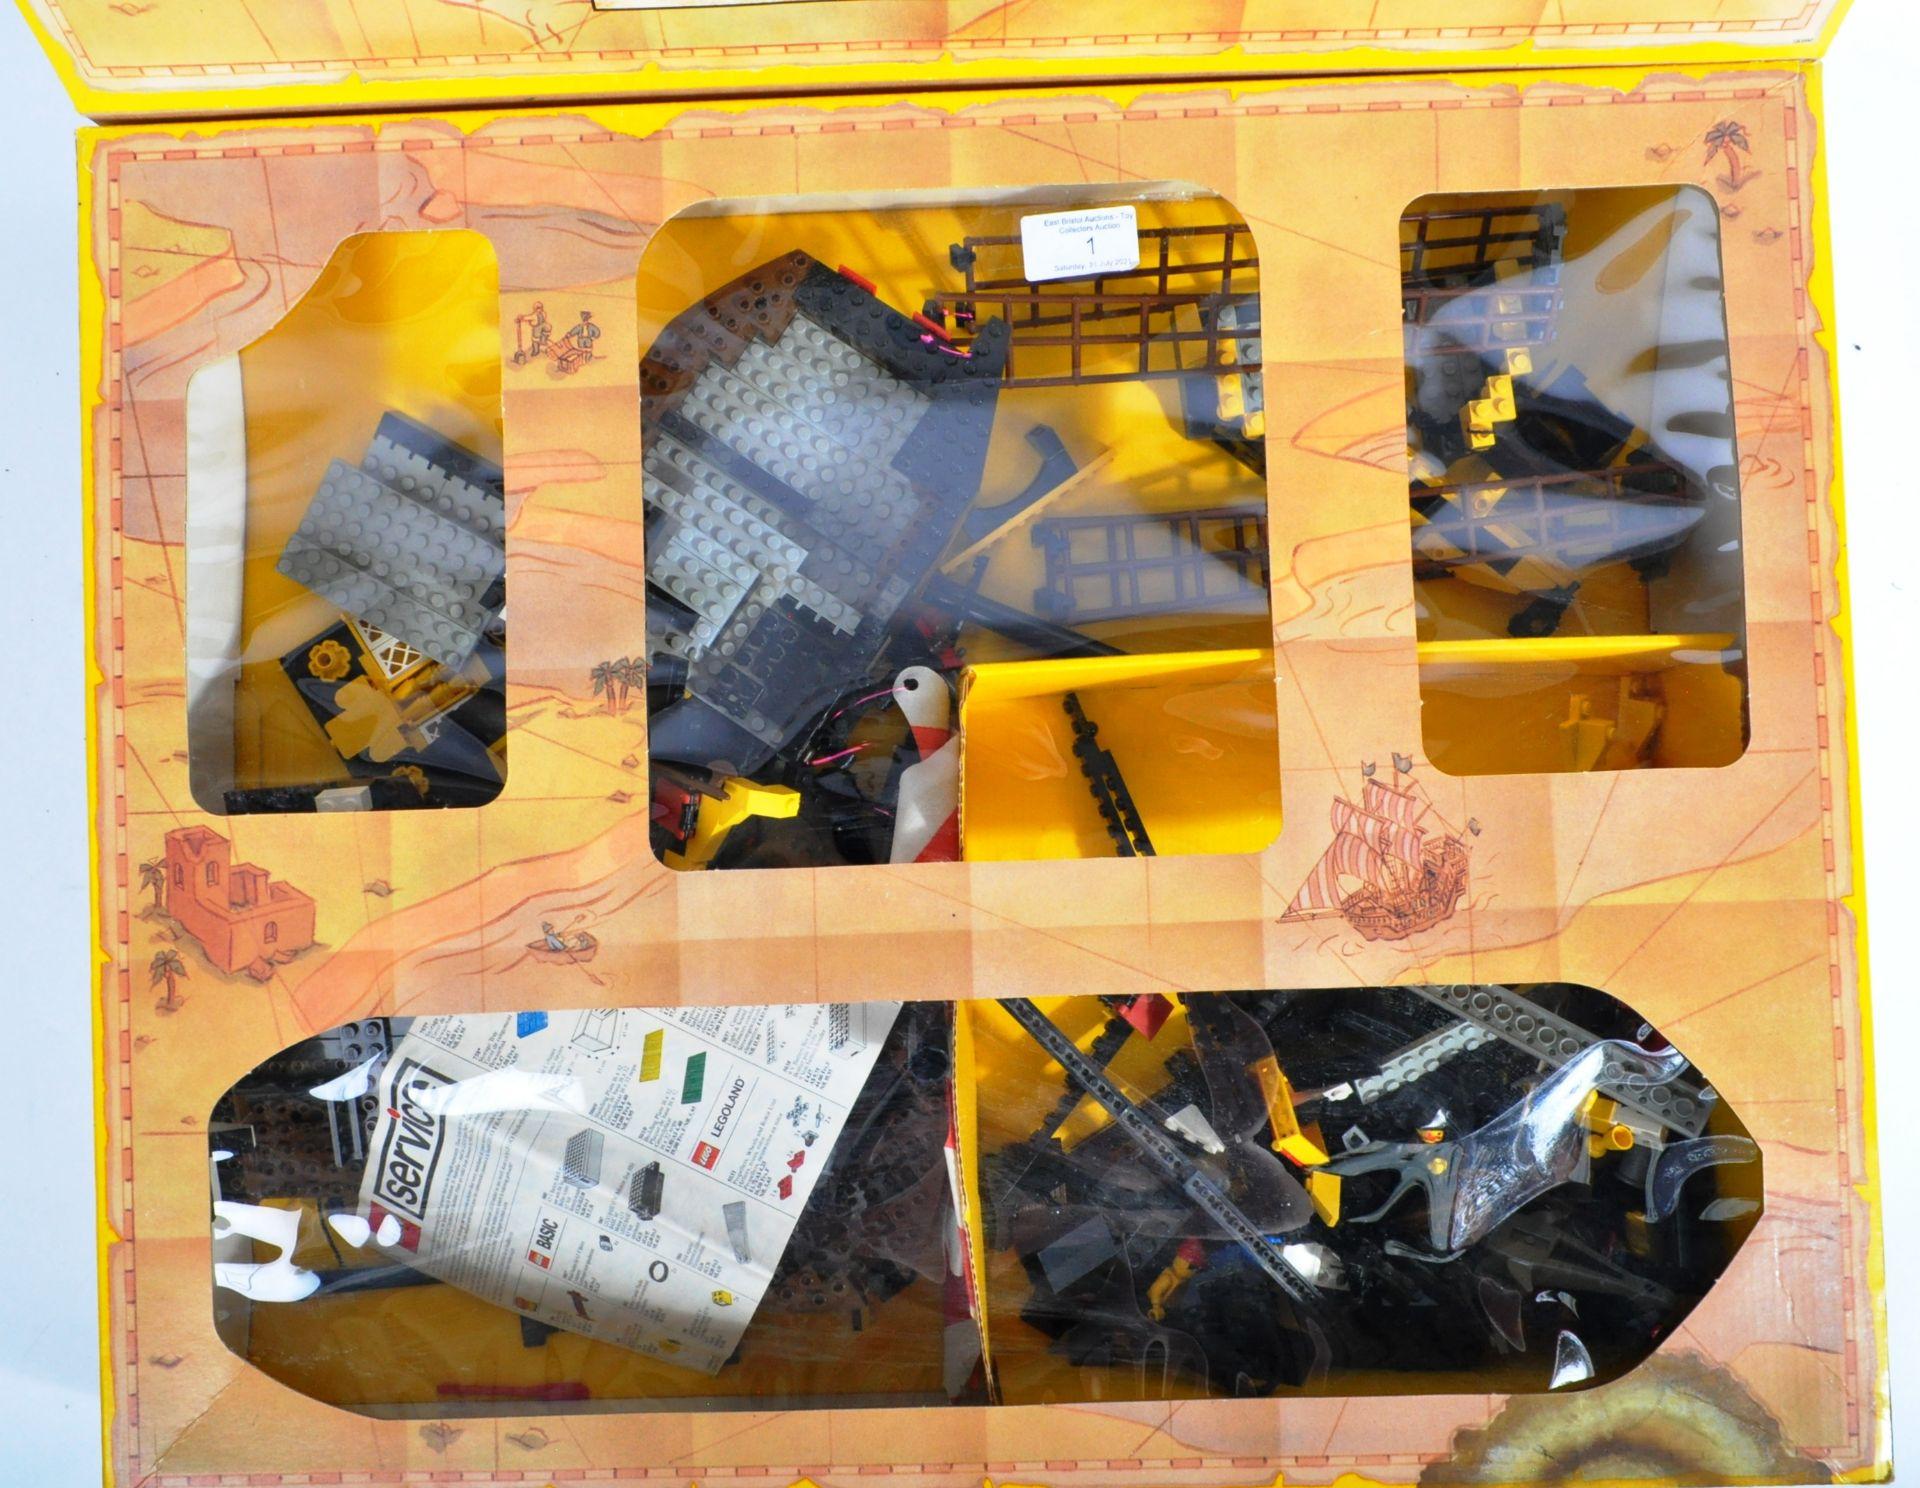 LEGO SET - LEGO LAND - 6285 - BLACK SEAS BARRACUDA - Image 8 of 8